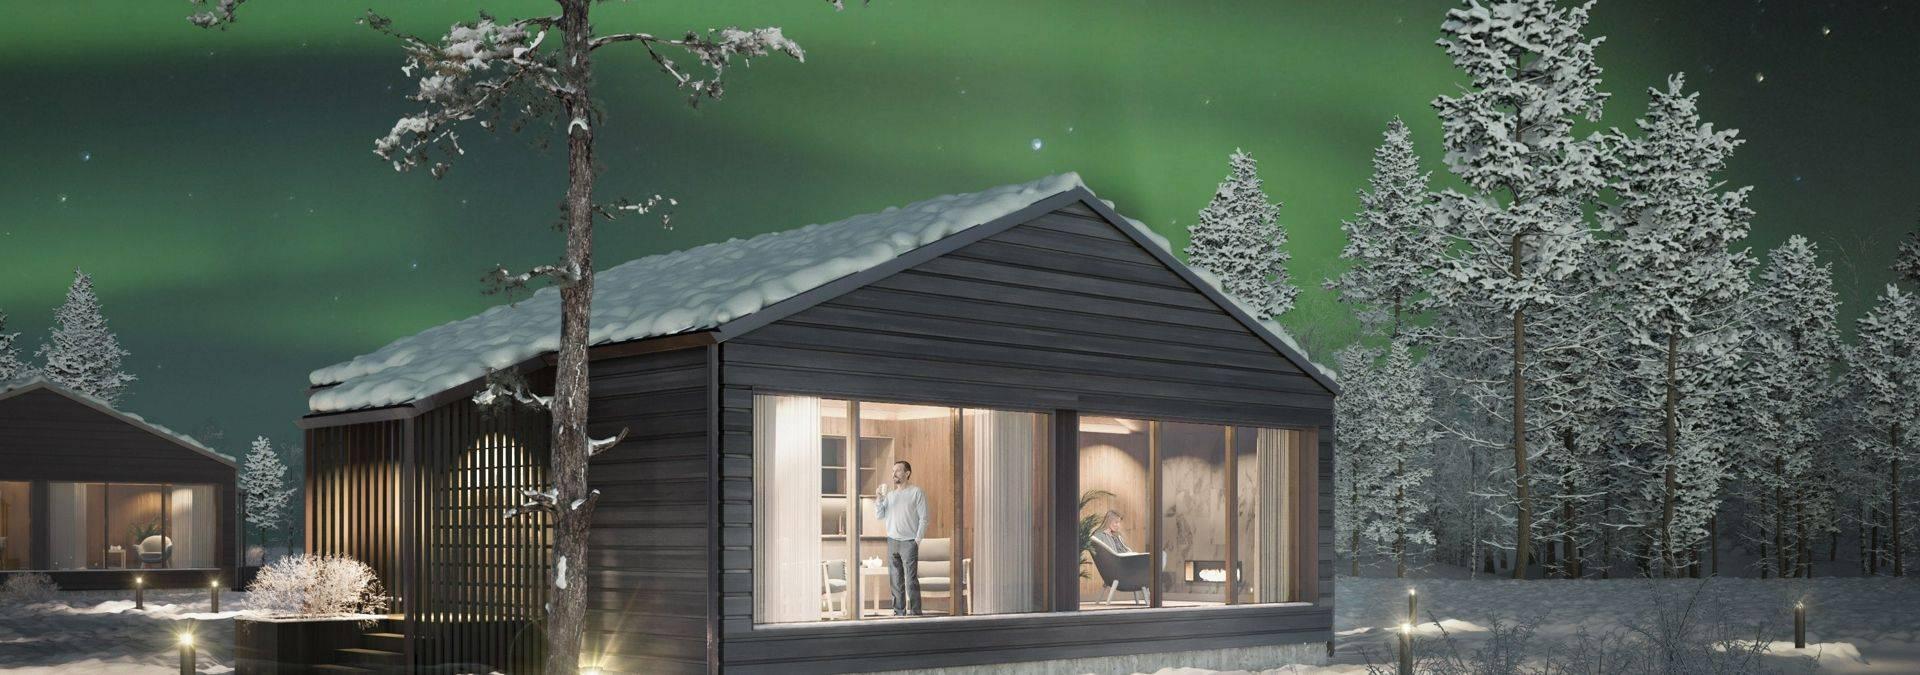 Inari New Cabin